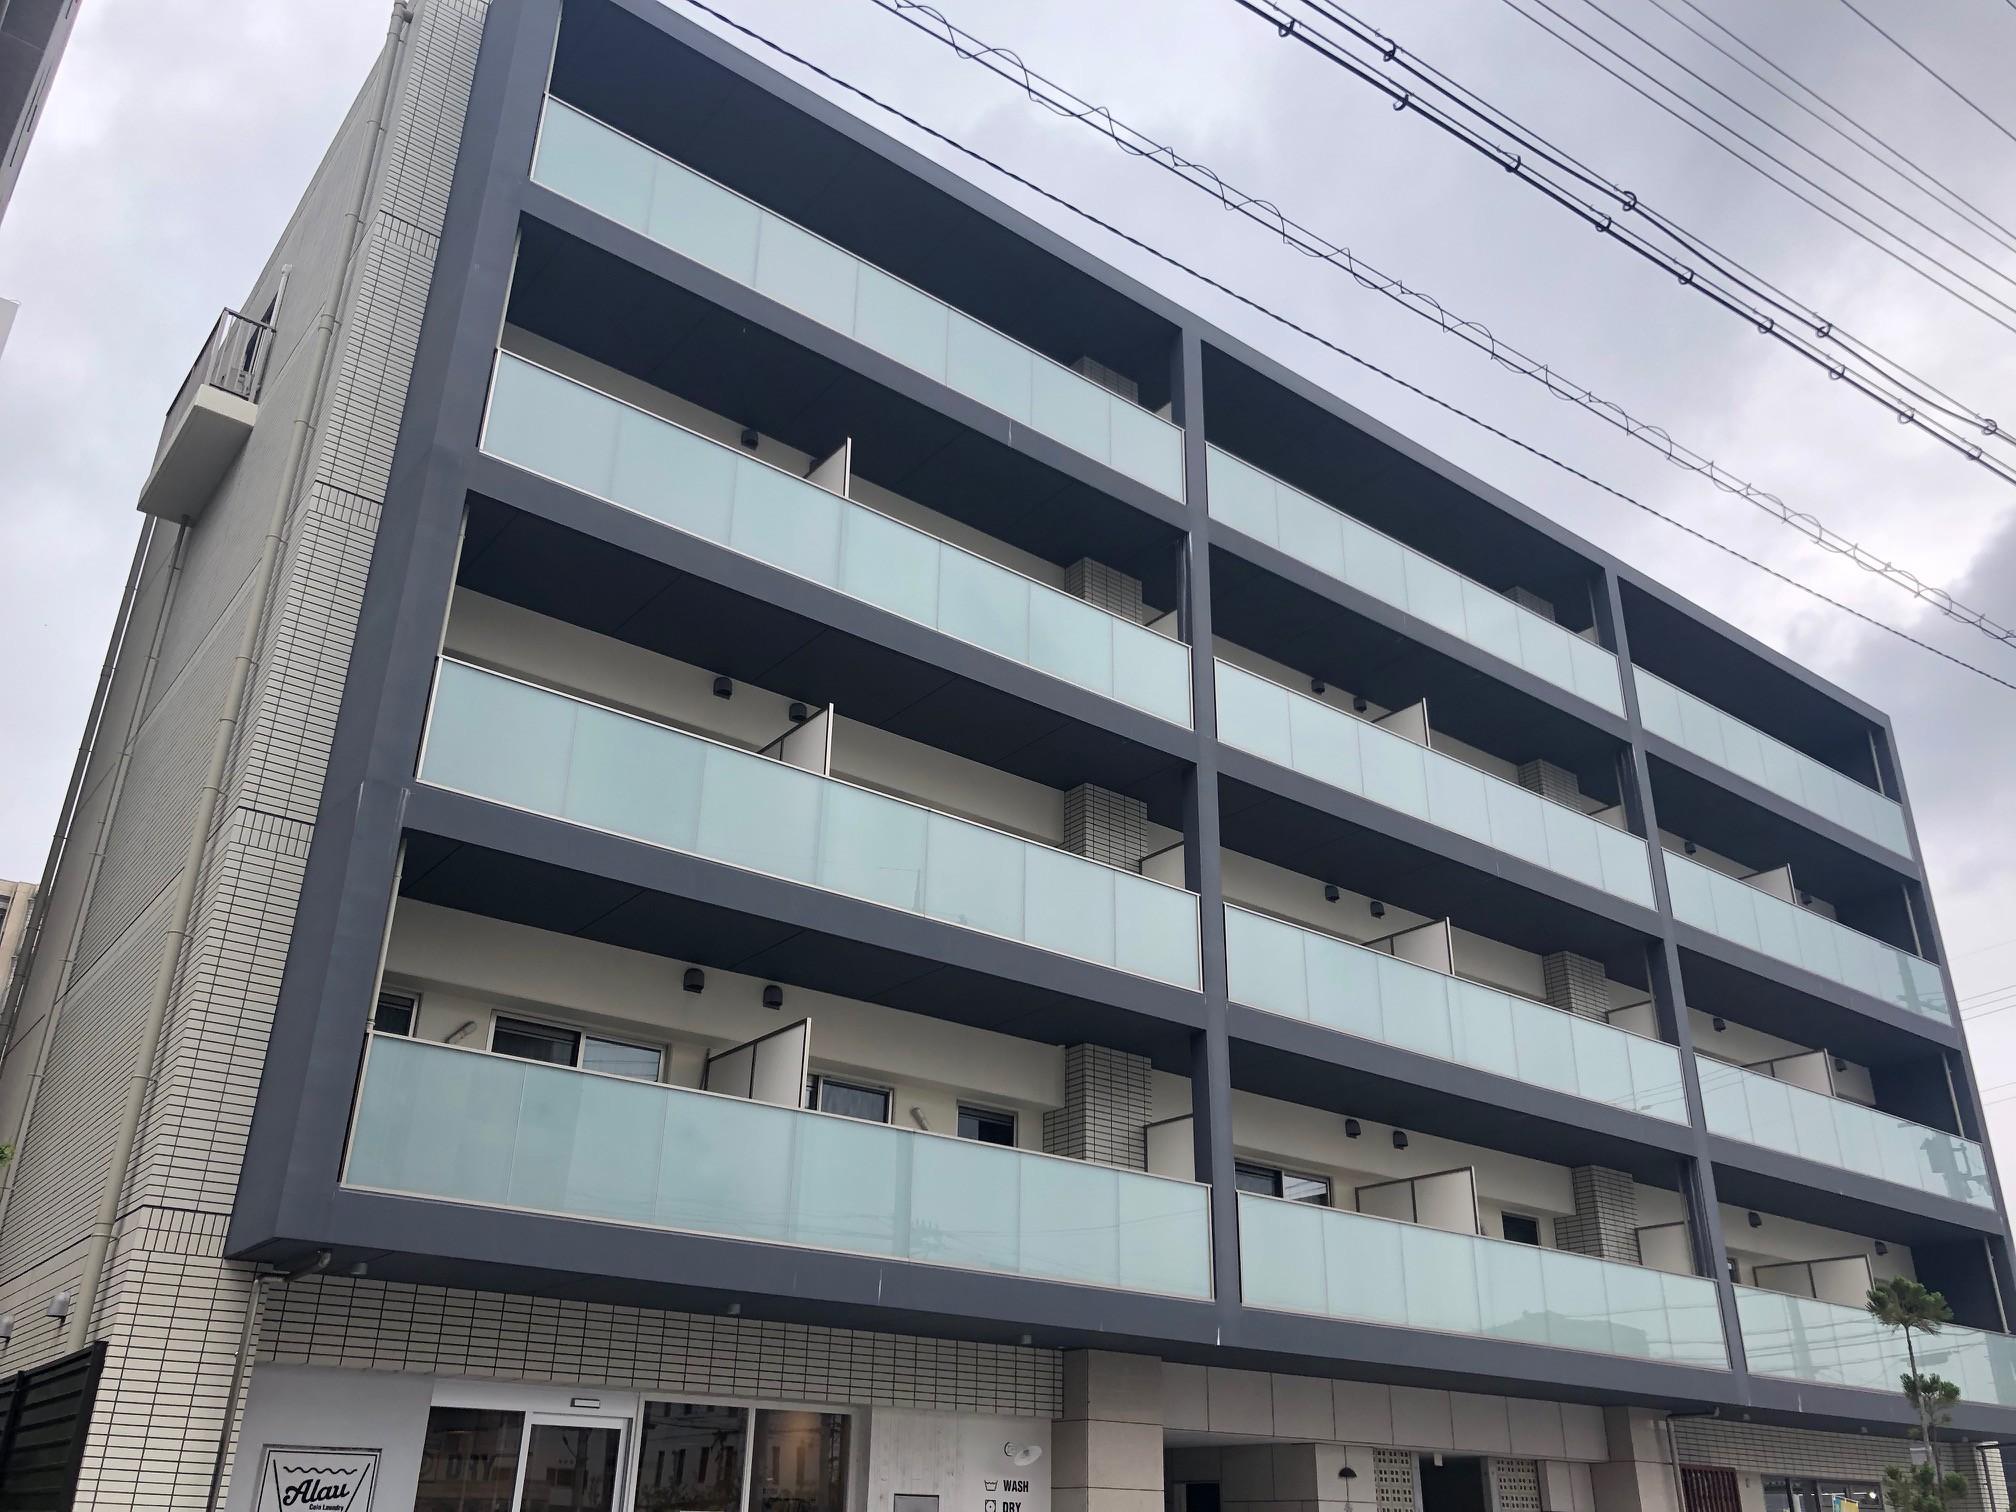 阪急洛西口駅前長谷川マンション・内装工事